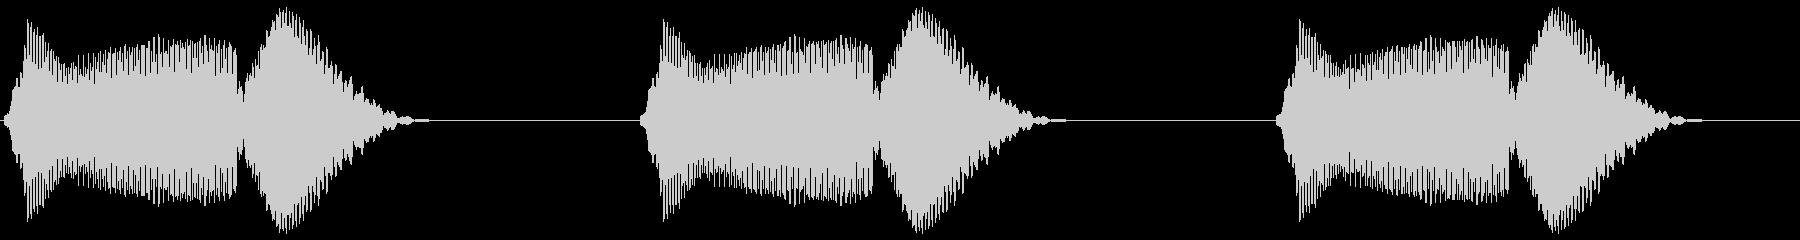 ヴーヴーヴー(携帯・スマホのバイブ音)の未再生の波形